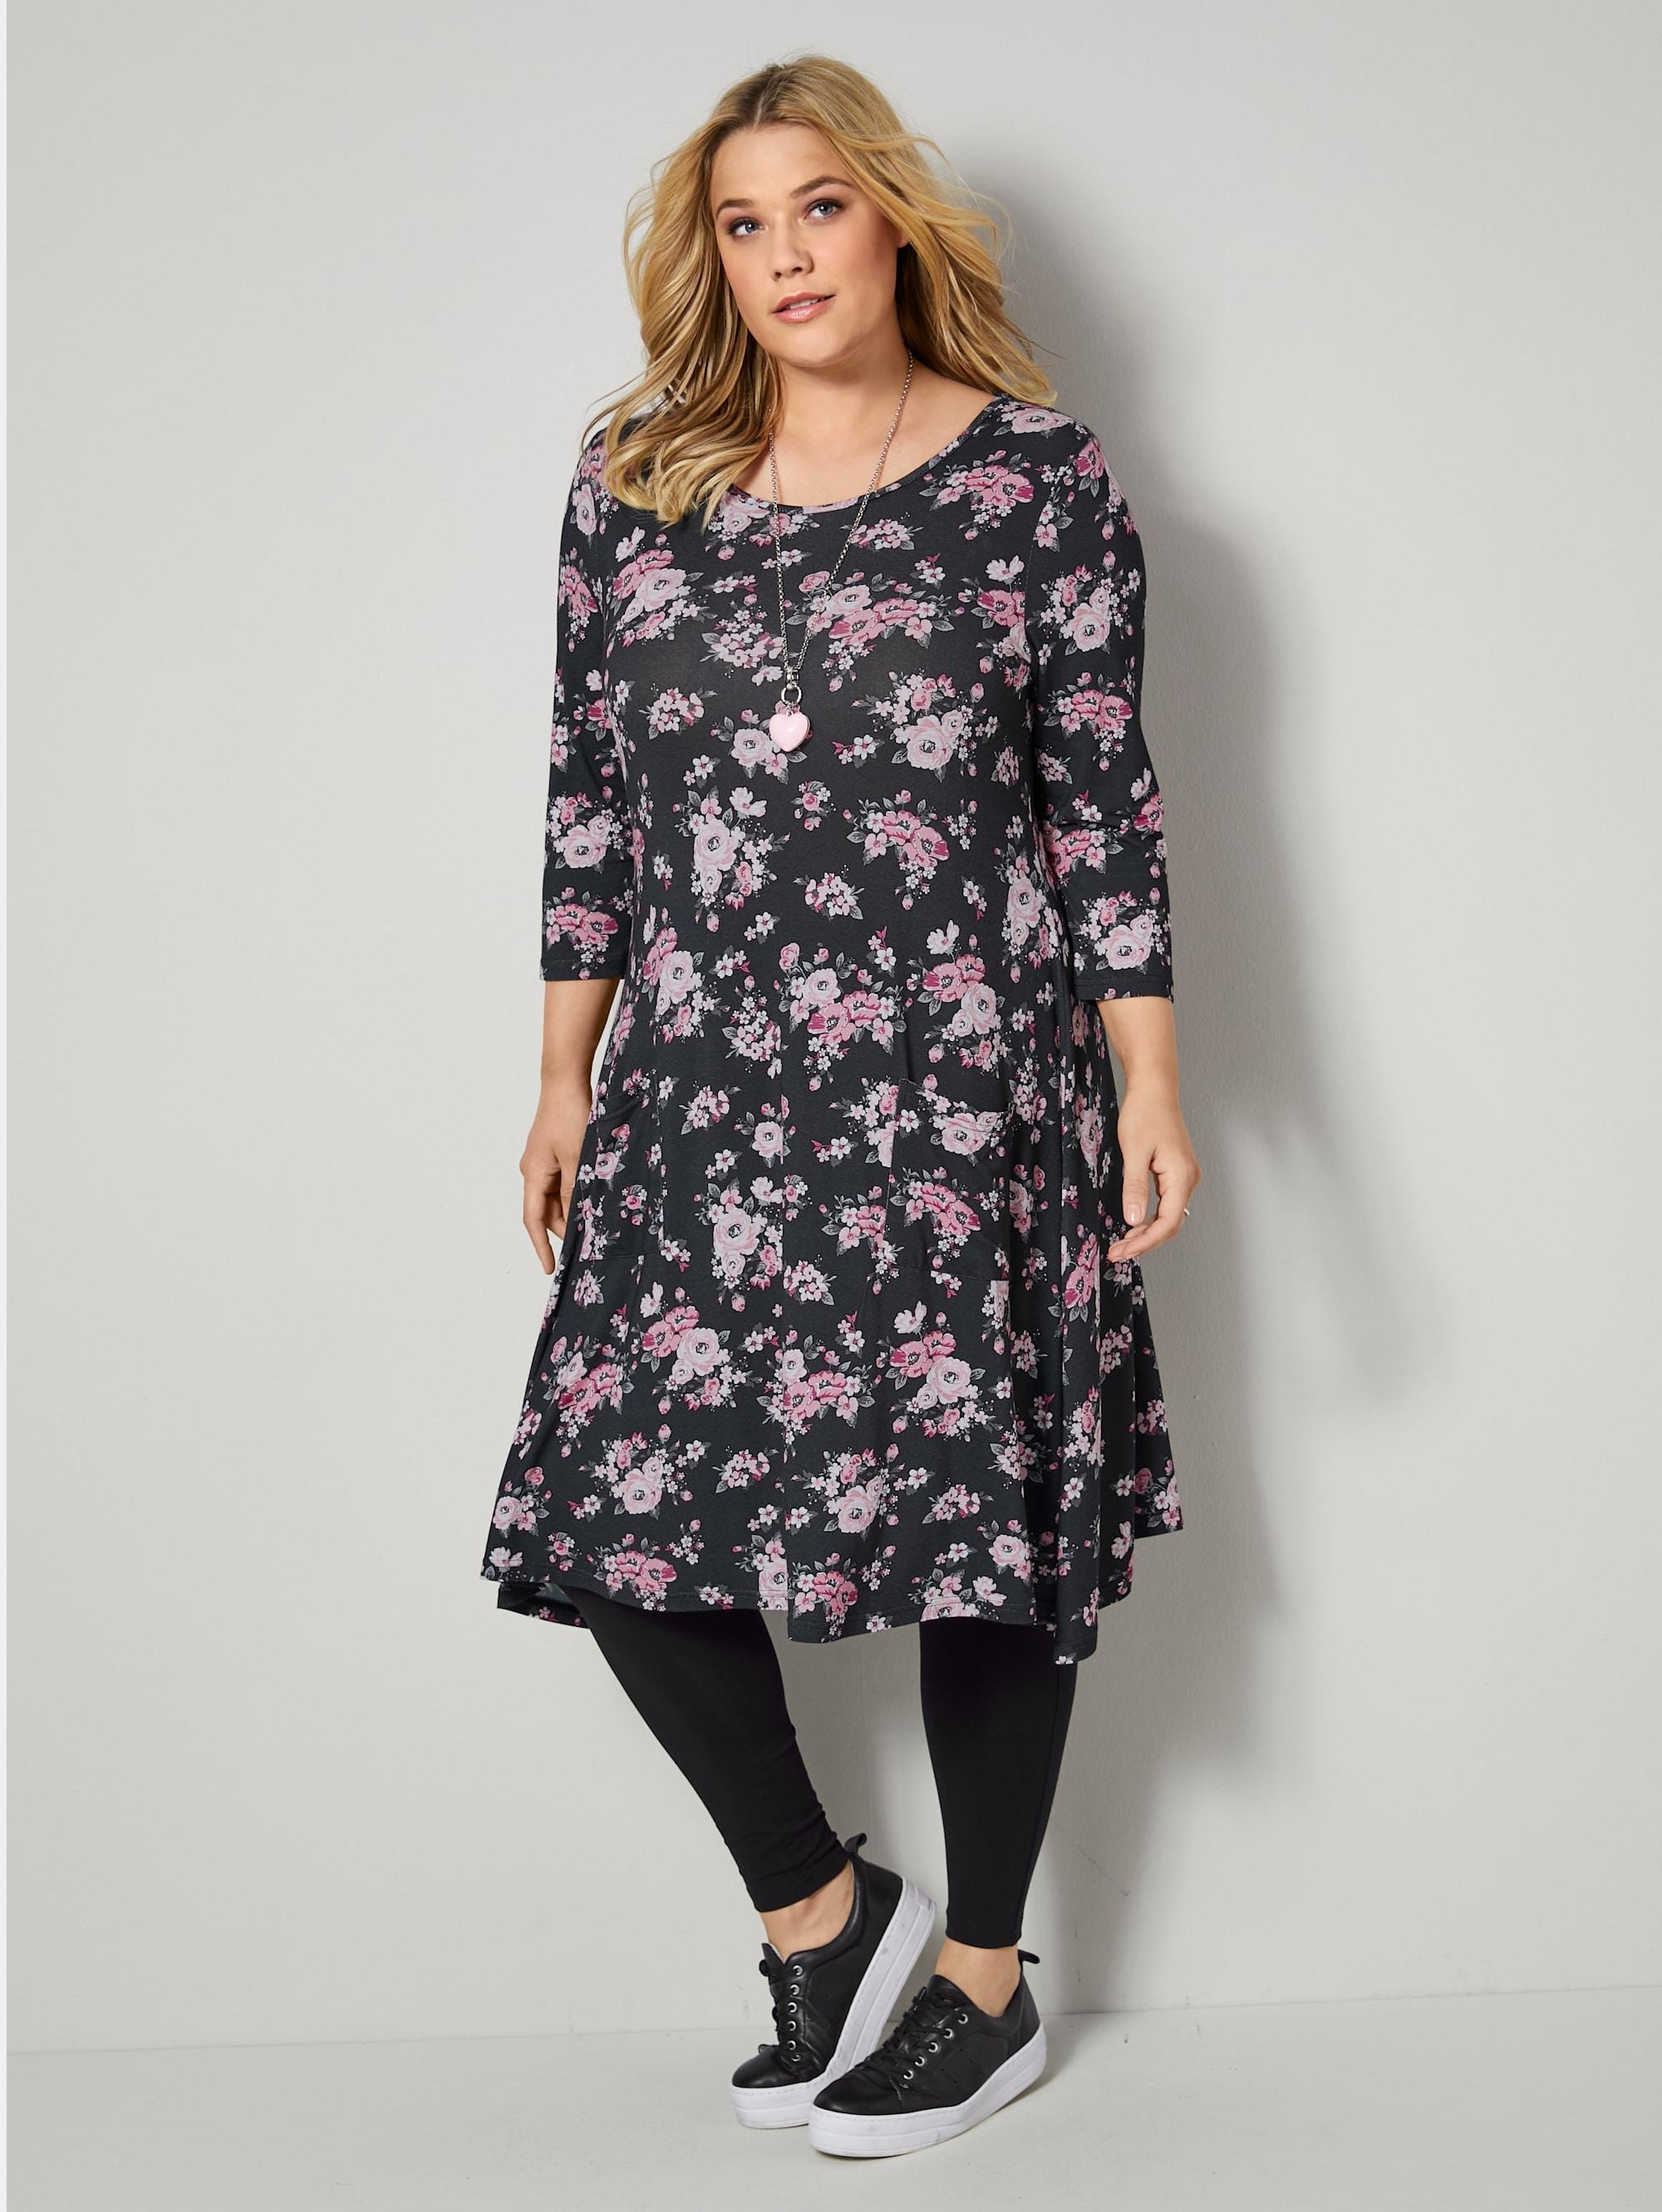 janet & joyce by happysize -  Jerseykleid, mit floralem Druck